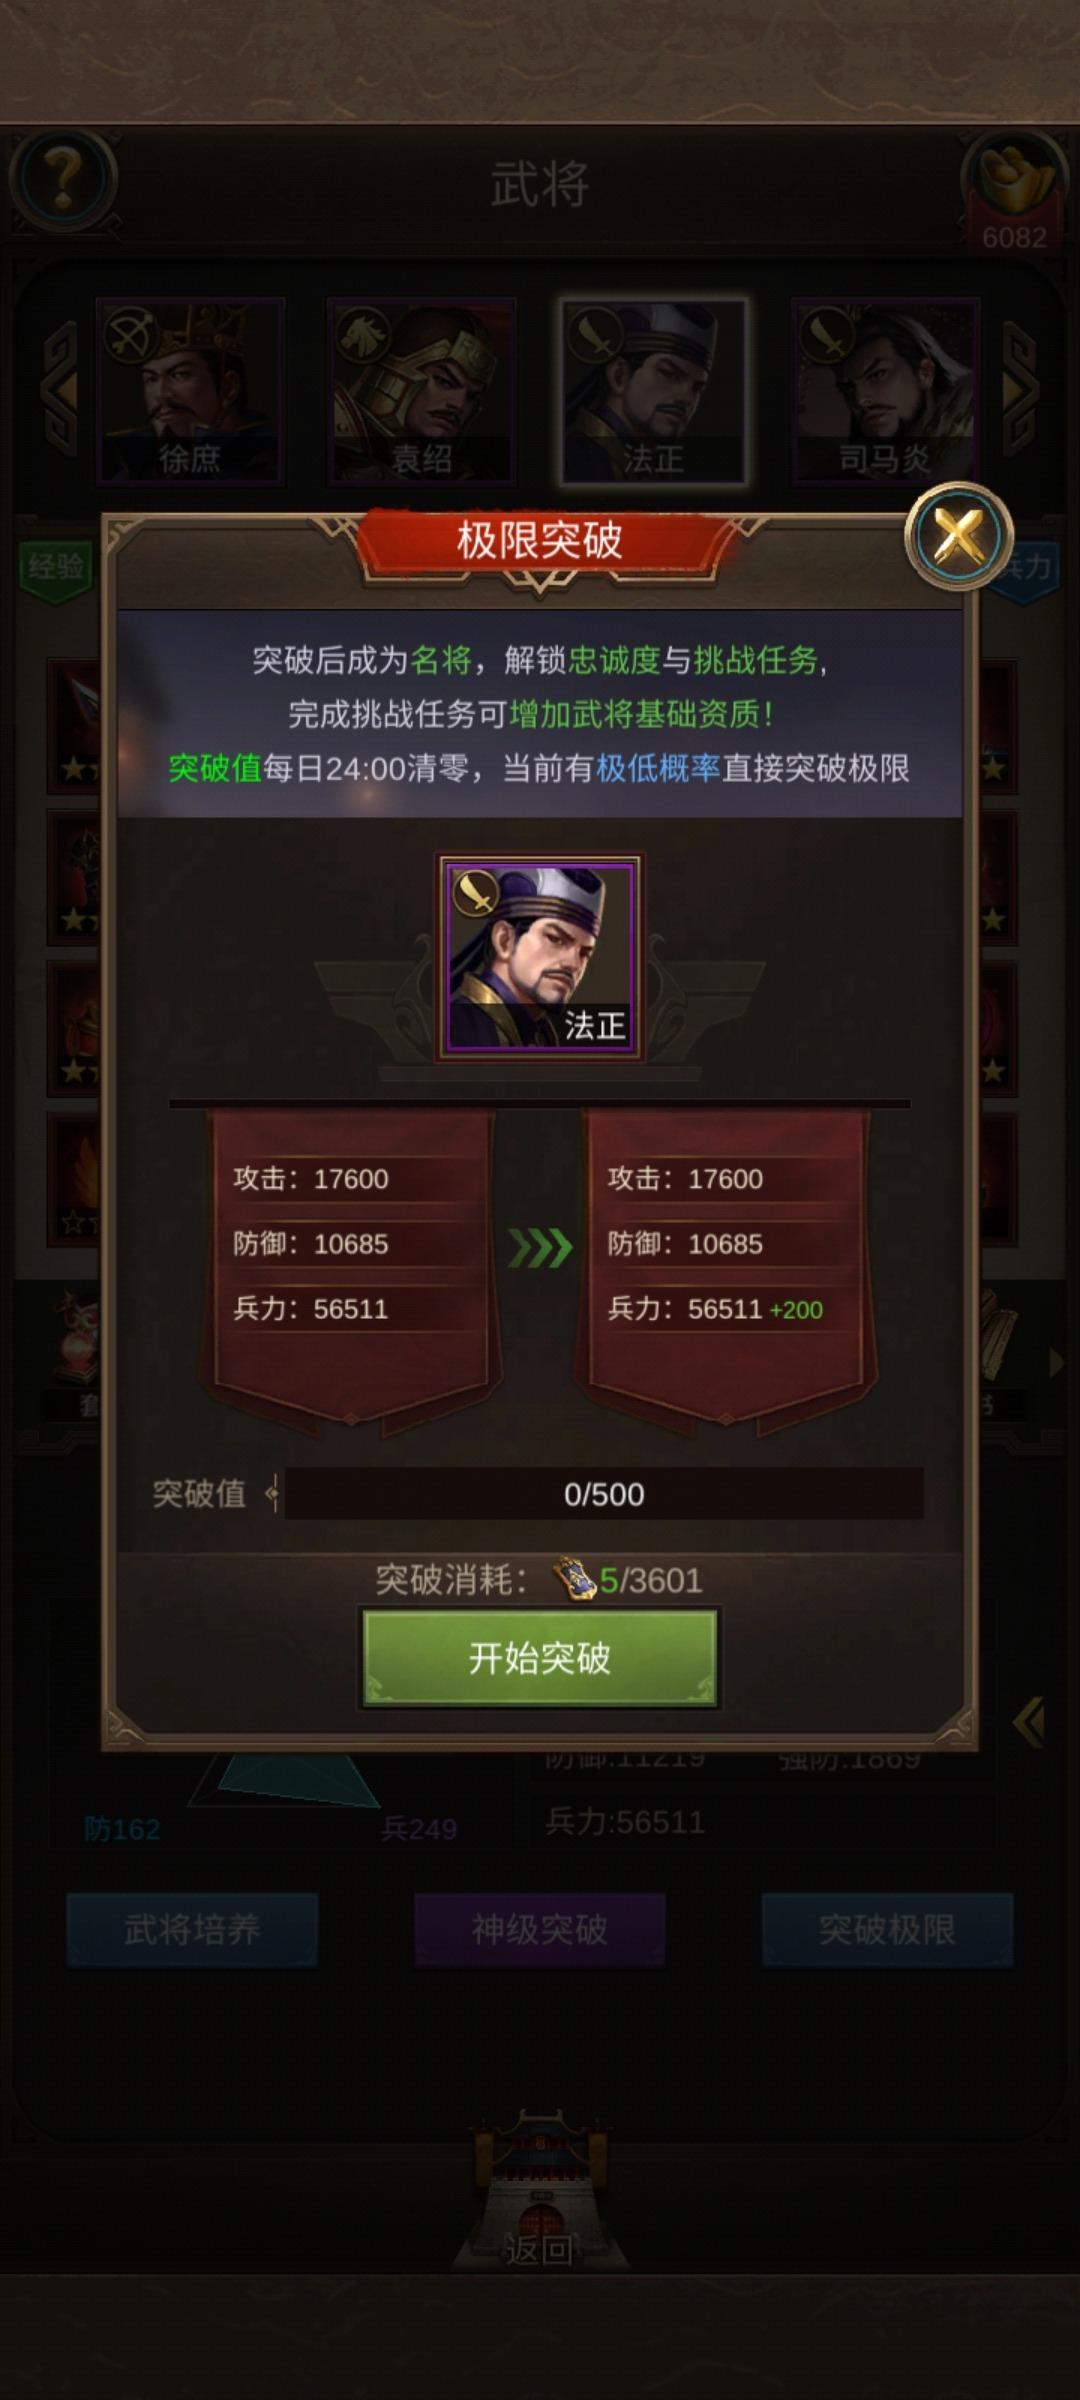 Screenshot_20210127_102425_juedi.tatuyin.rxsg.huawei.jpg